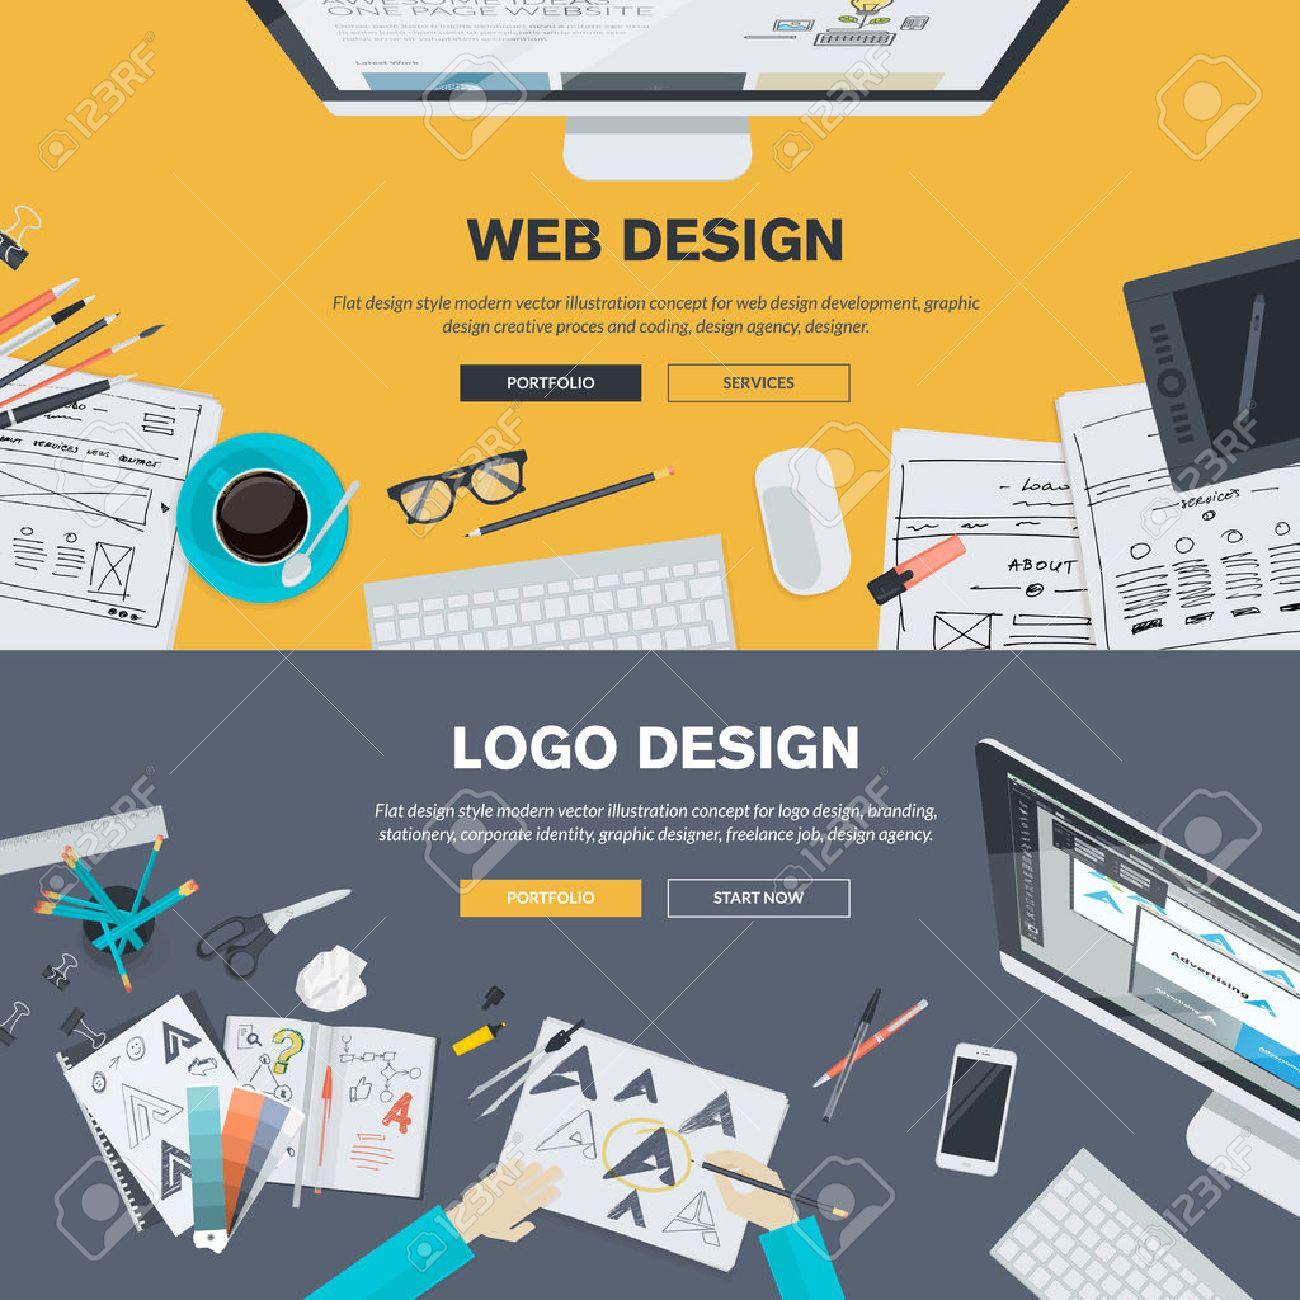 Flat design illustration concepts for web design development, design,  graphic design, design agency